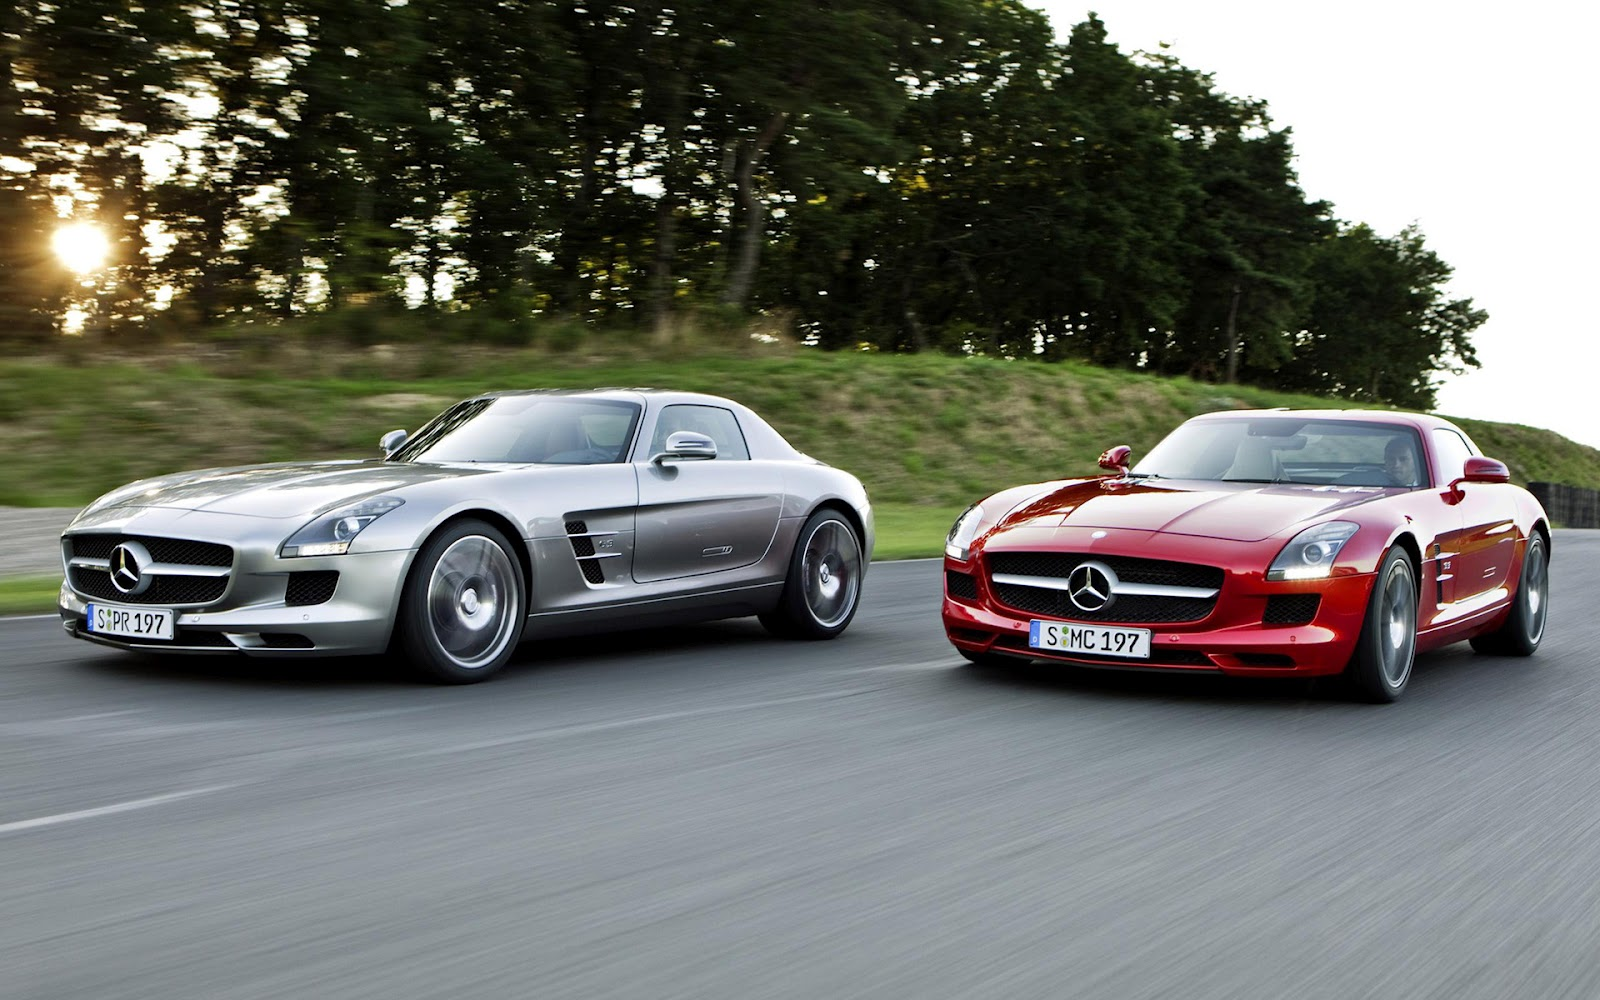 http://3.bp.blogspot.com/-Ys0k6KDS5X4/T51zQQ9W4eI/AAAAAAAAbJY/Eu21MtvzcRY/s1600/Mercedes-Benz-AMG-SLS_05.jpg